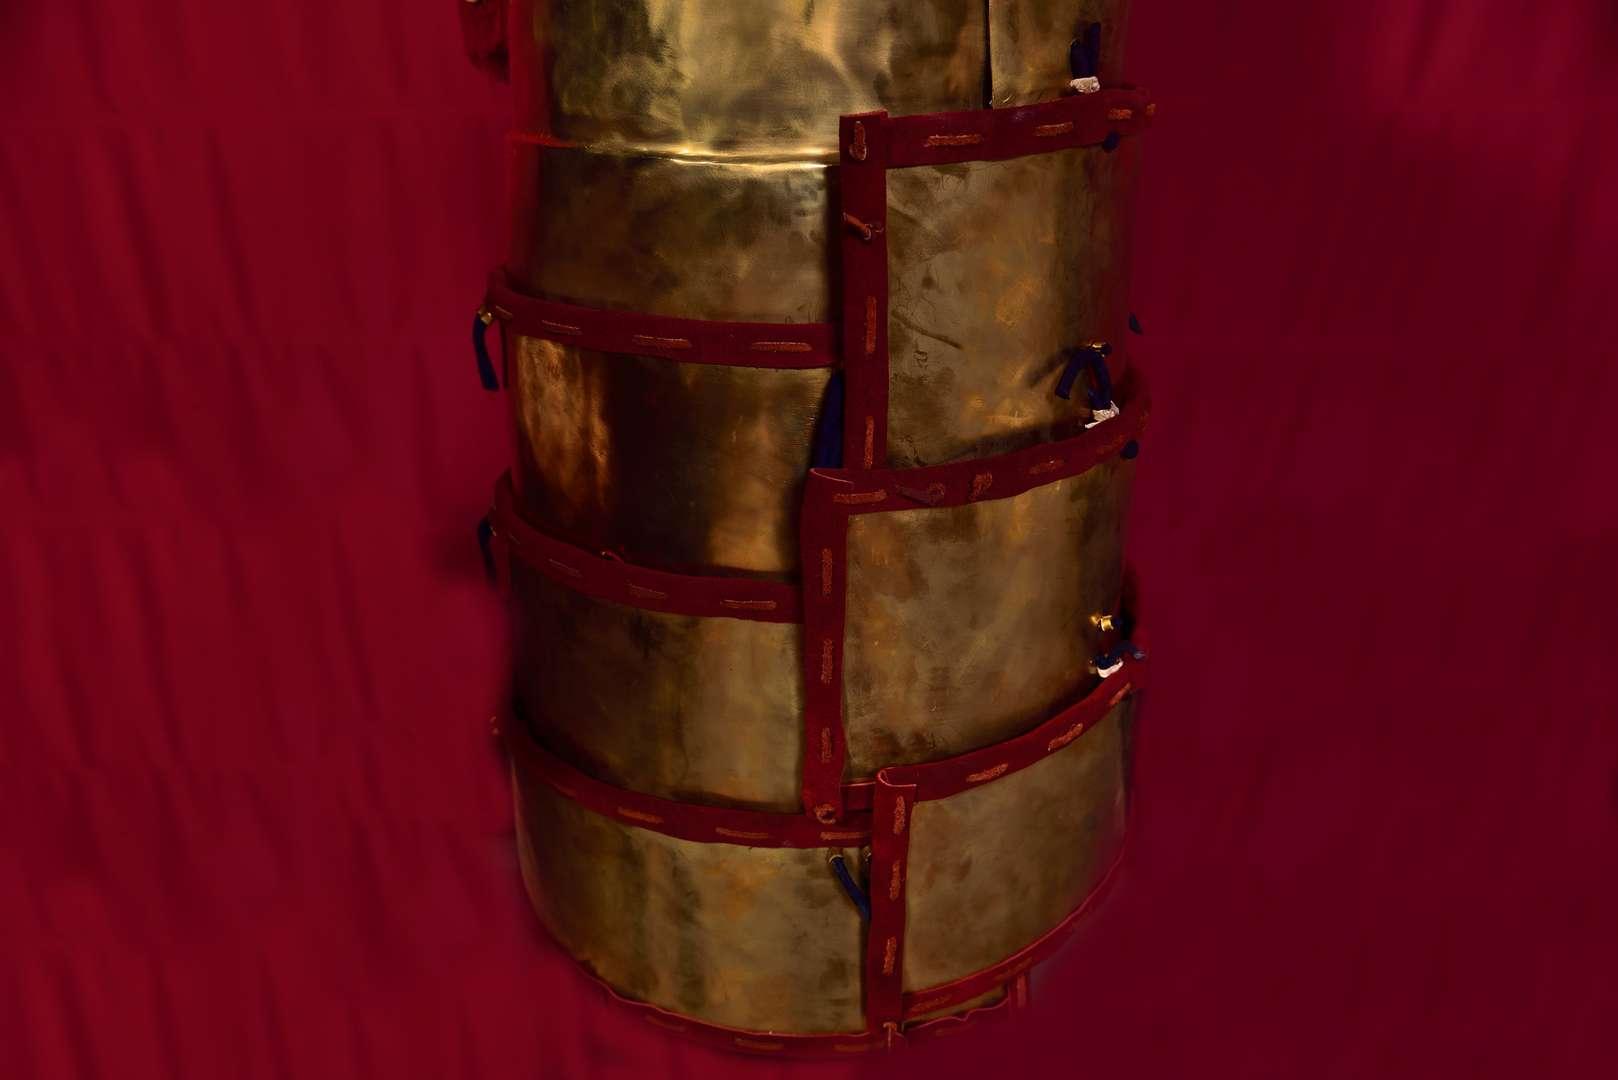 Μυκηναϊκή Πανοπλία 15ου π.Χ αιώνα